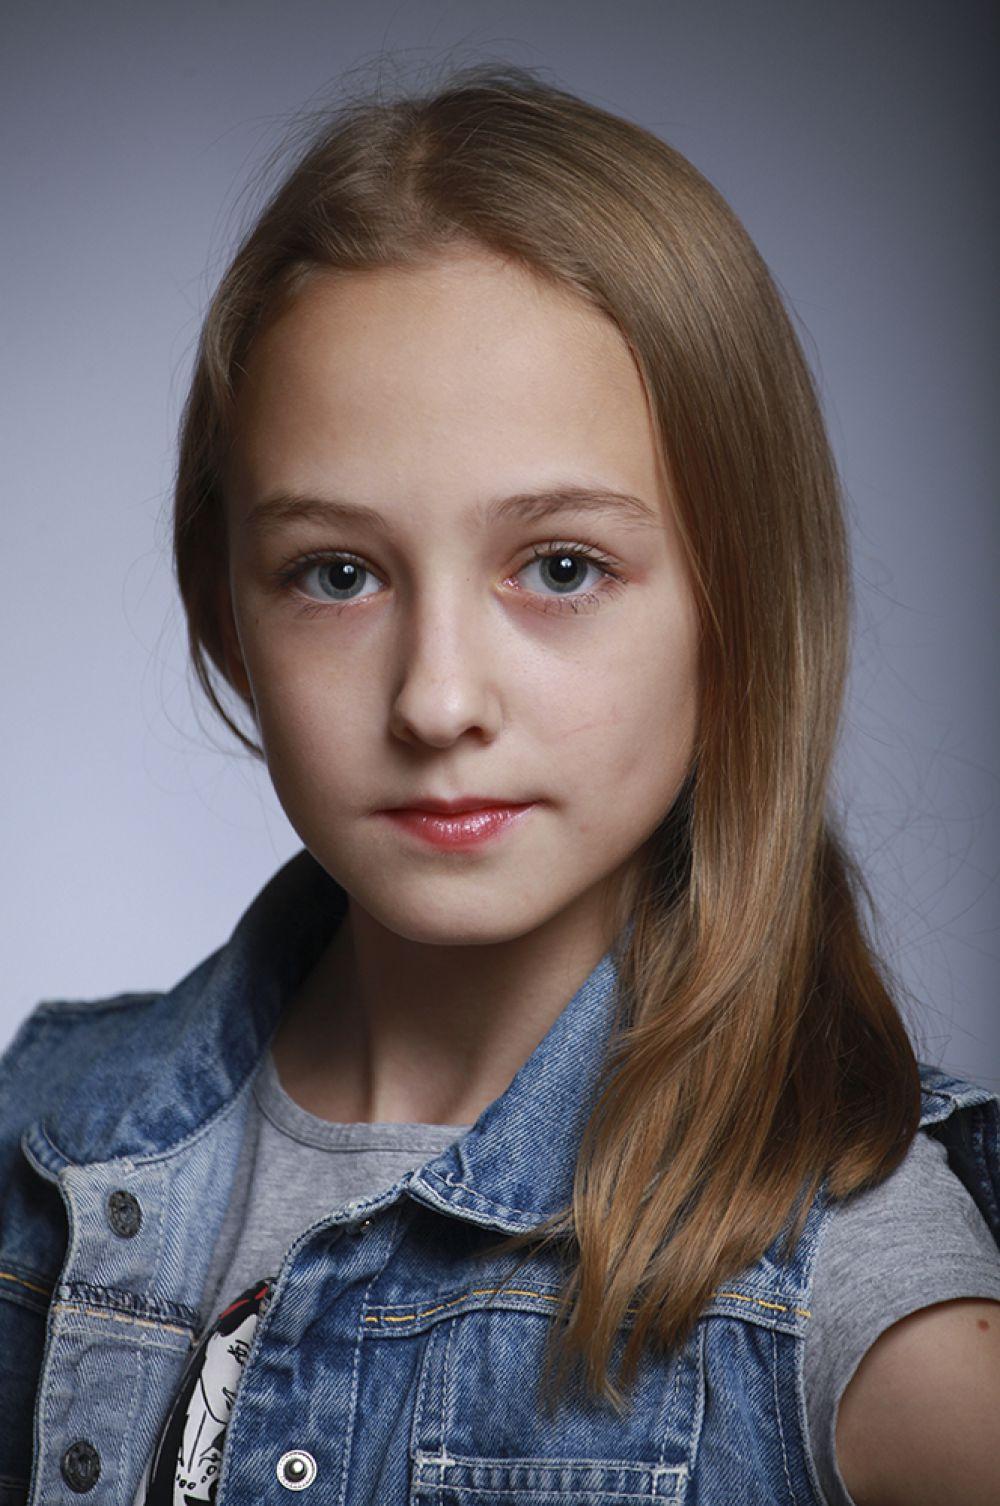 Ксения Агинских, 12 лет, 8-ой конкурс красоты и талантов  «Маленькая Мисс Вятка-2016». Средняя группа.